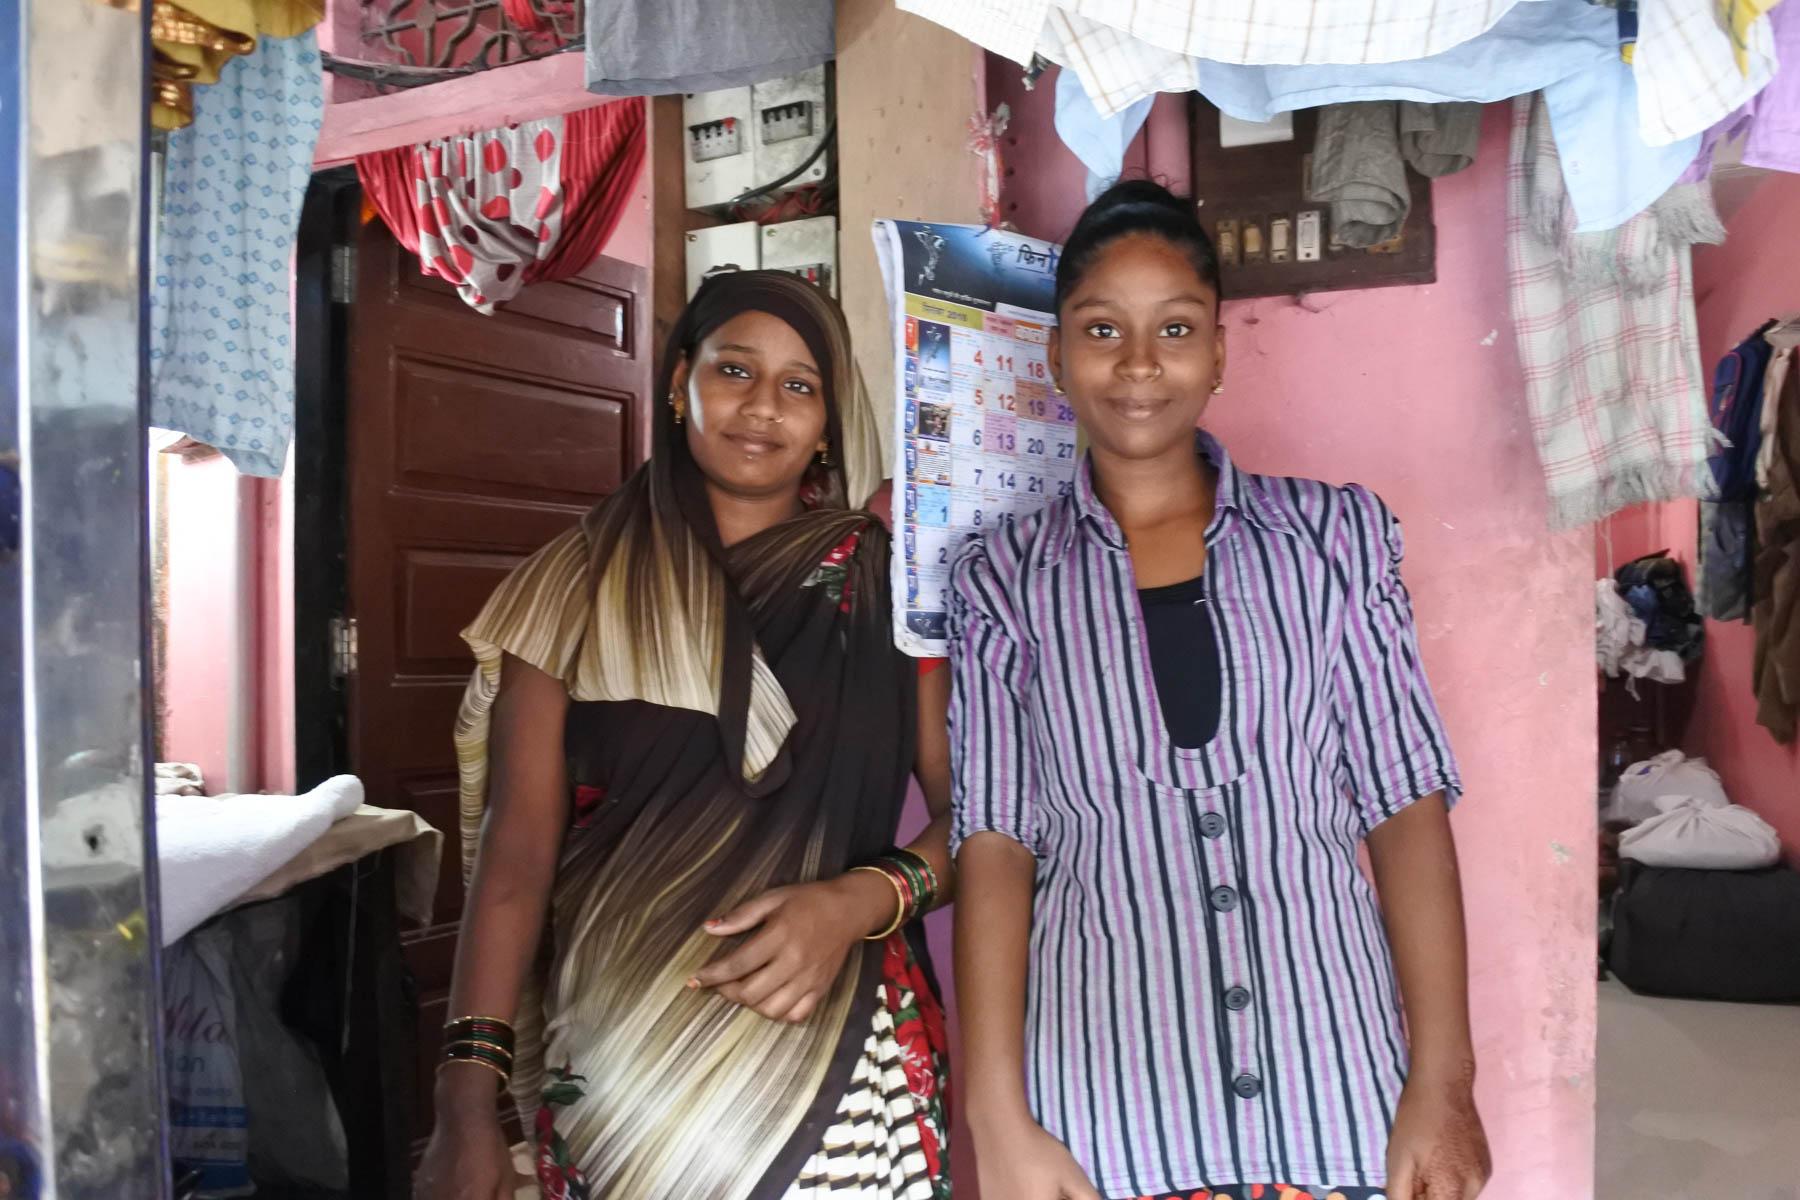 ムンバイ 巨大洗濯工場 ドービーガート 女性陣